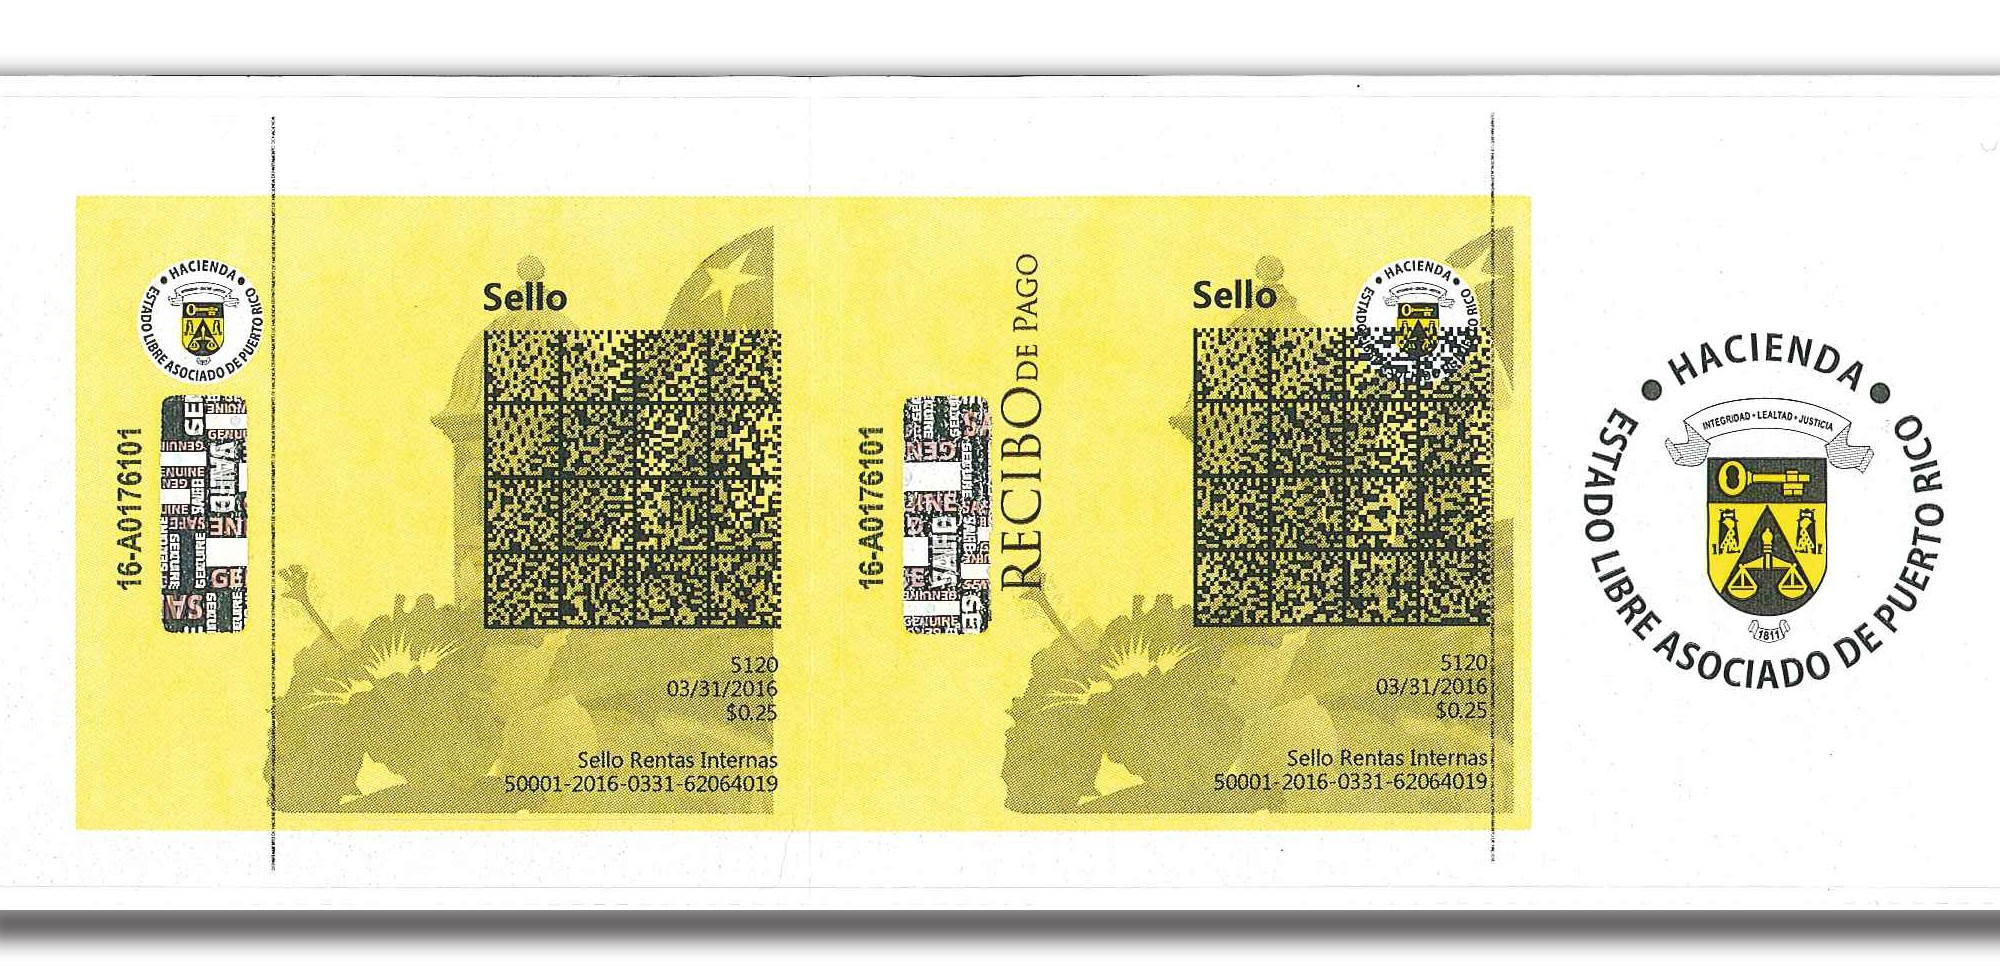 sellos de Rentas Internas del Departamento de Hacienda